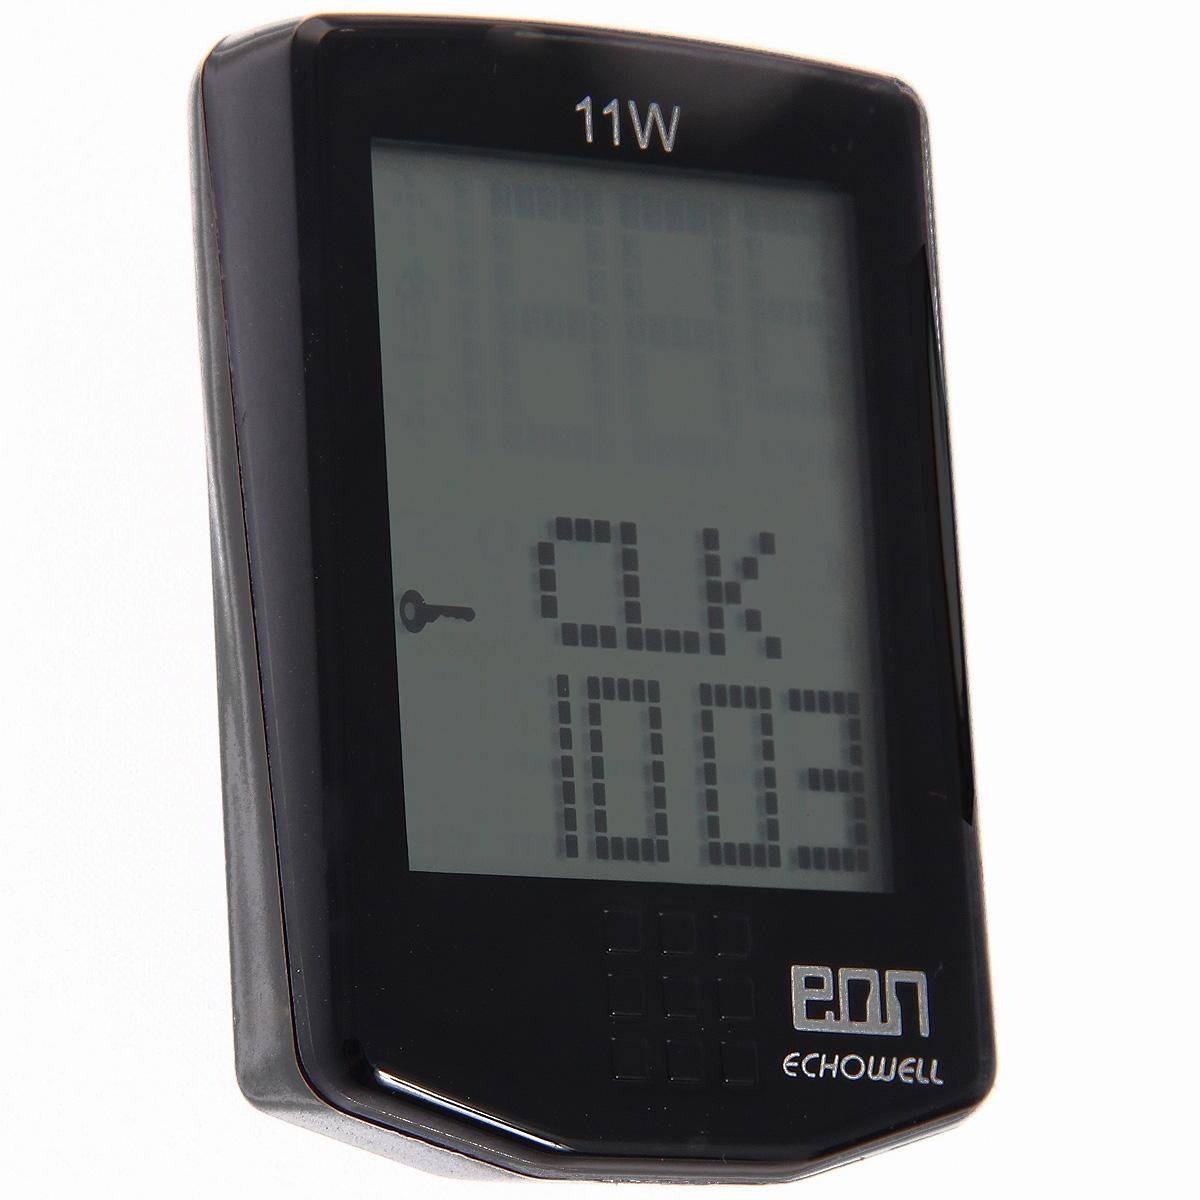 Велокомпьютер Eon-11W, 11 функций, цвет: черный30249Беспроводной велокомпьютер Eon-11W с одиннадцатью функциями в стильном корпусе предназначен для использования при занятиях велоспортом, велотуризмом и просто катании на велосипеде. Имеет отличную водо и пылезащиту. Все операции и настройки выполняются одной сенсорной кнопкой Велокомпьютер определяет скорость с точностью до десятых долей, дистанцию - с точностью до 10 метров. Расстояние может измеряться в километрах или милях по выбору. На дисплее функции поочередно сменяют друг друга. Язык - английский. Прилагается инструкция на русском и английском языках.